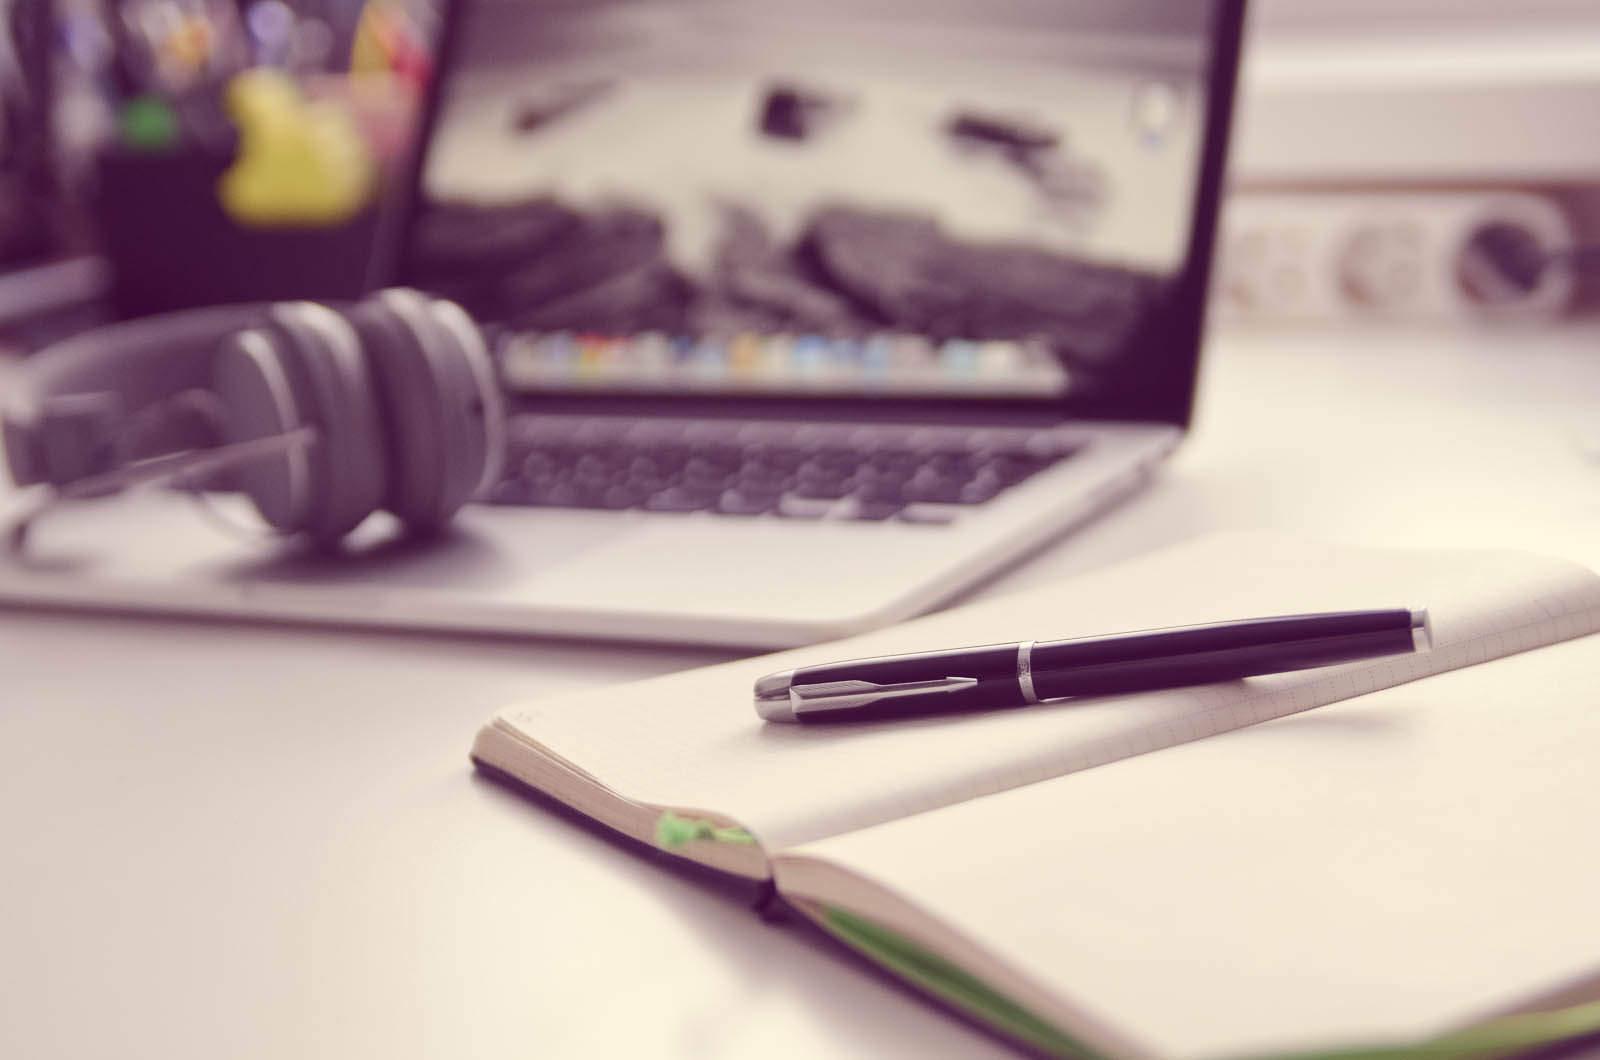 Arbeit, Laptop, Stift, Zahlen, Einkommen, Arbeitslosenquote